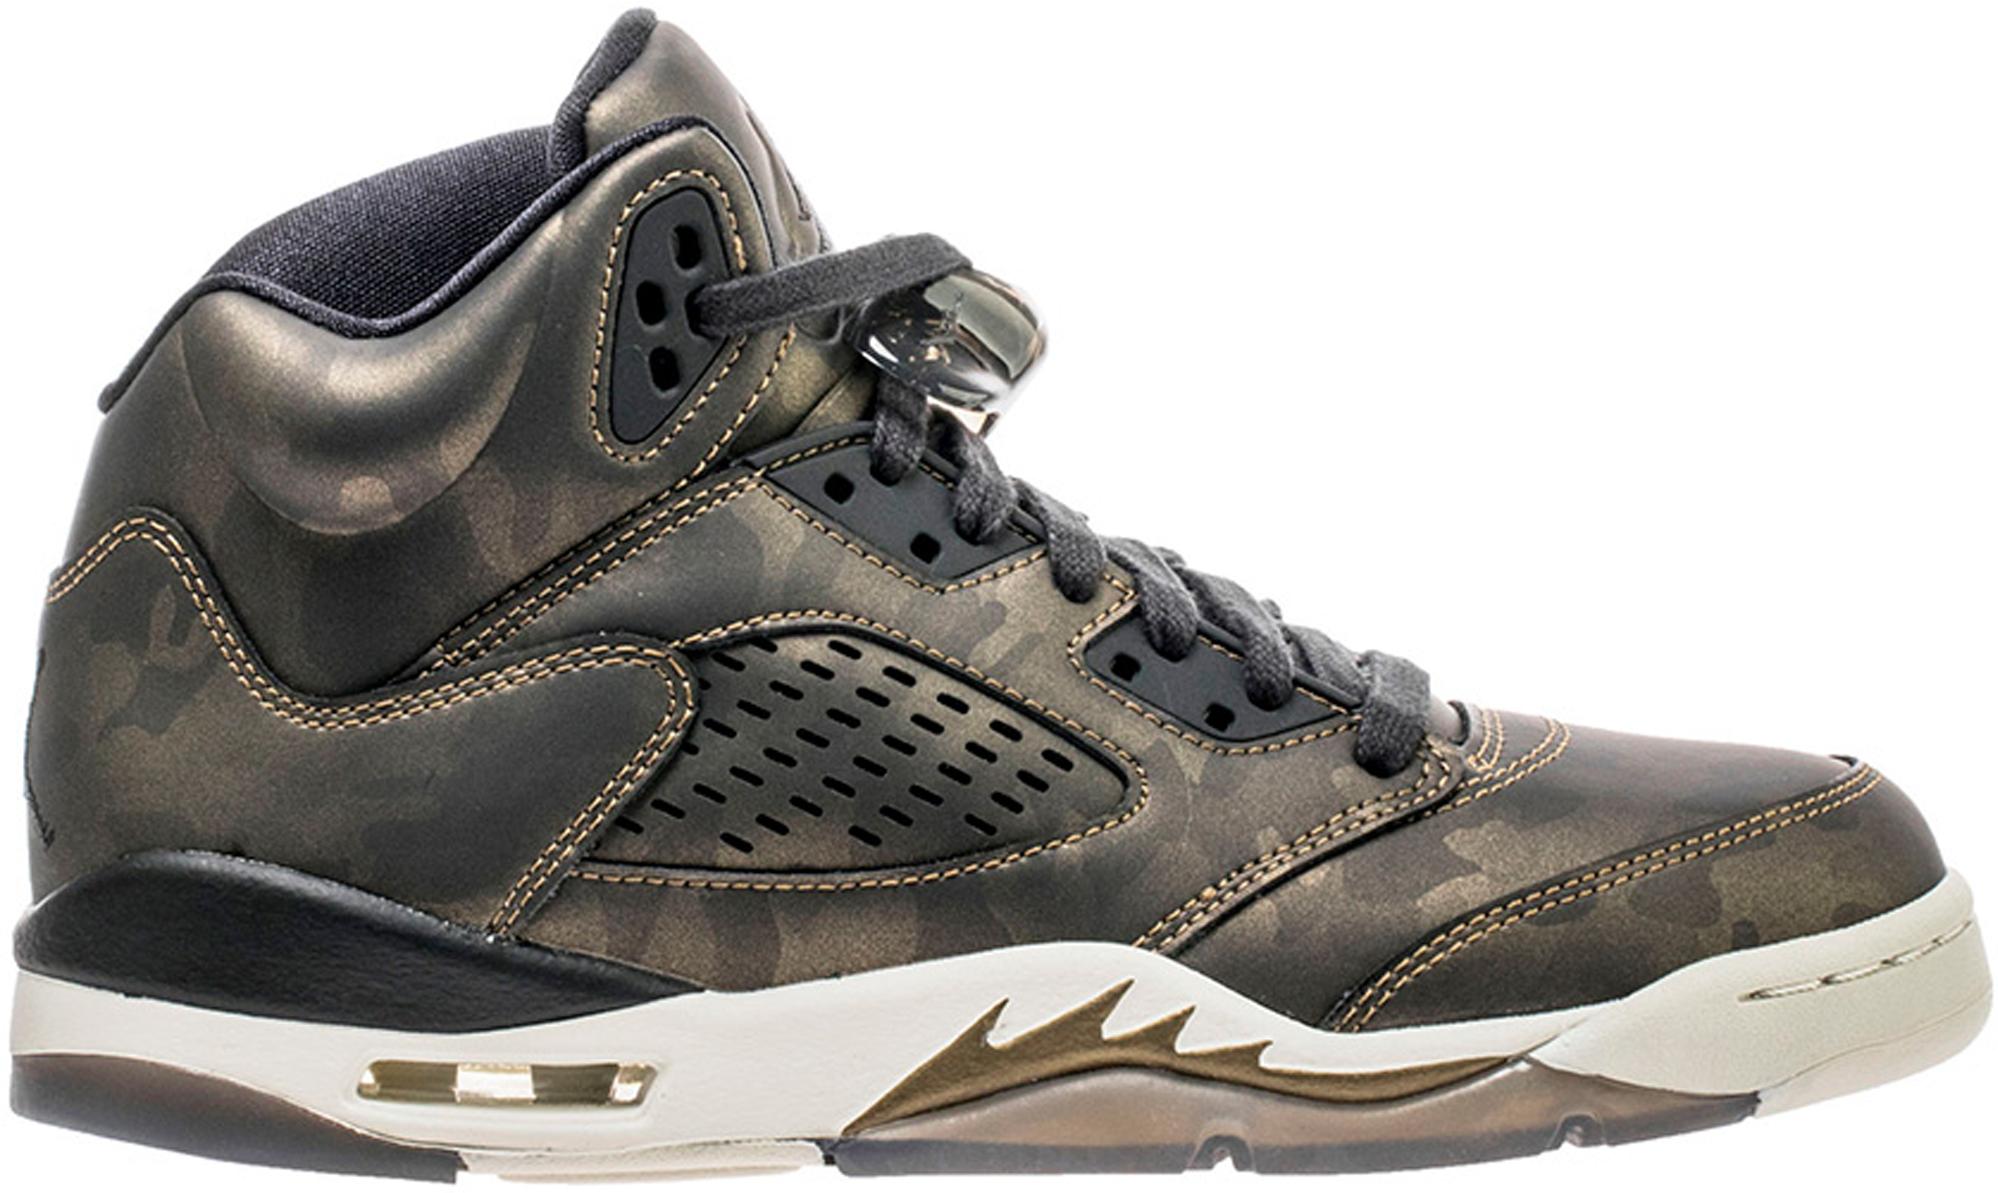 Jordan 5 Retro Heiress Camo (GS)